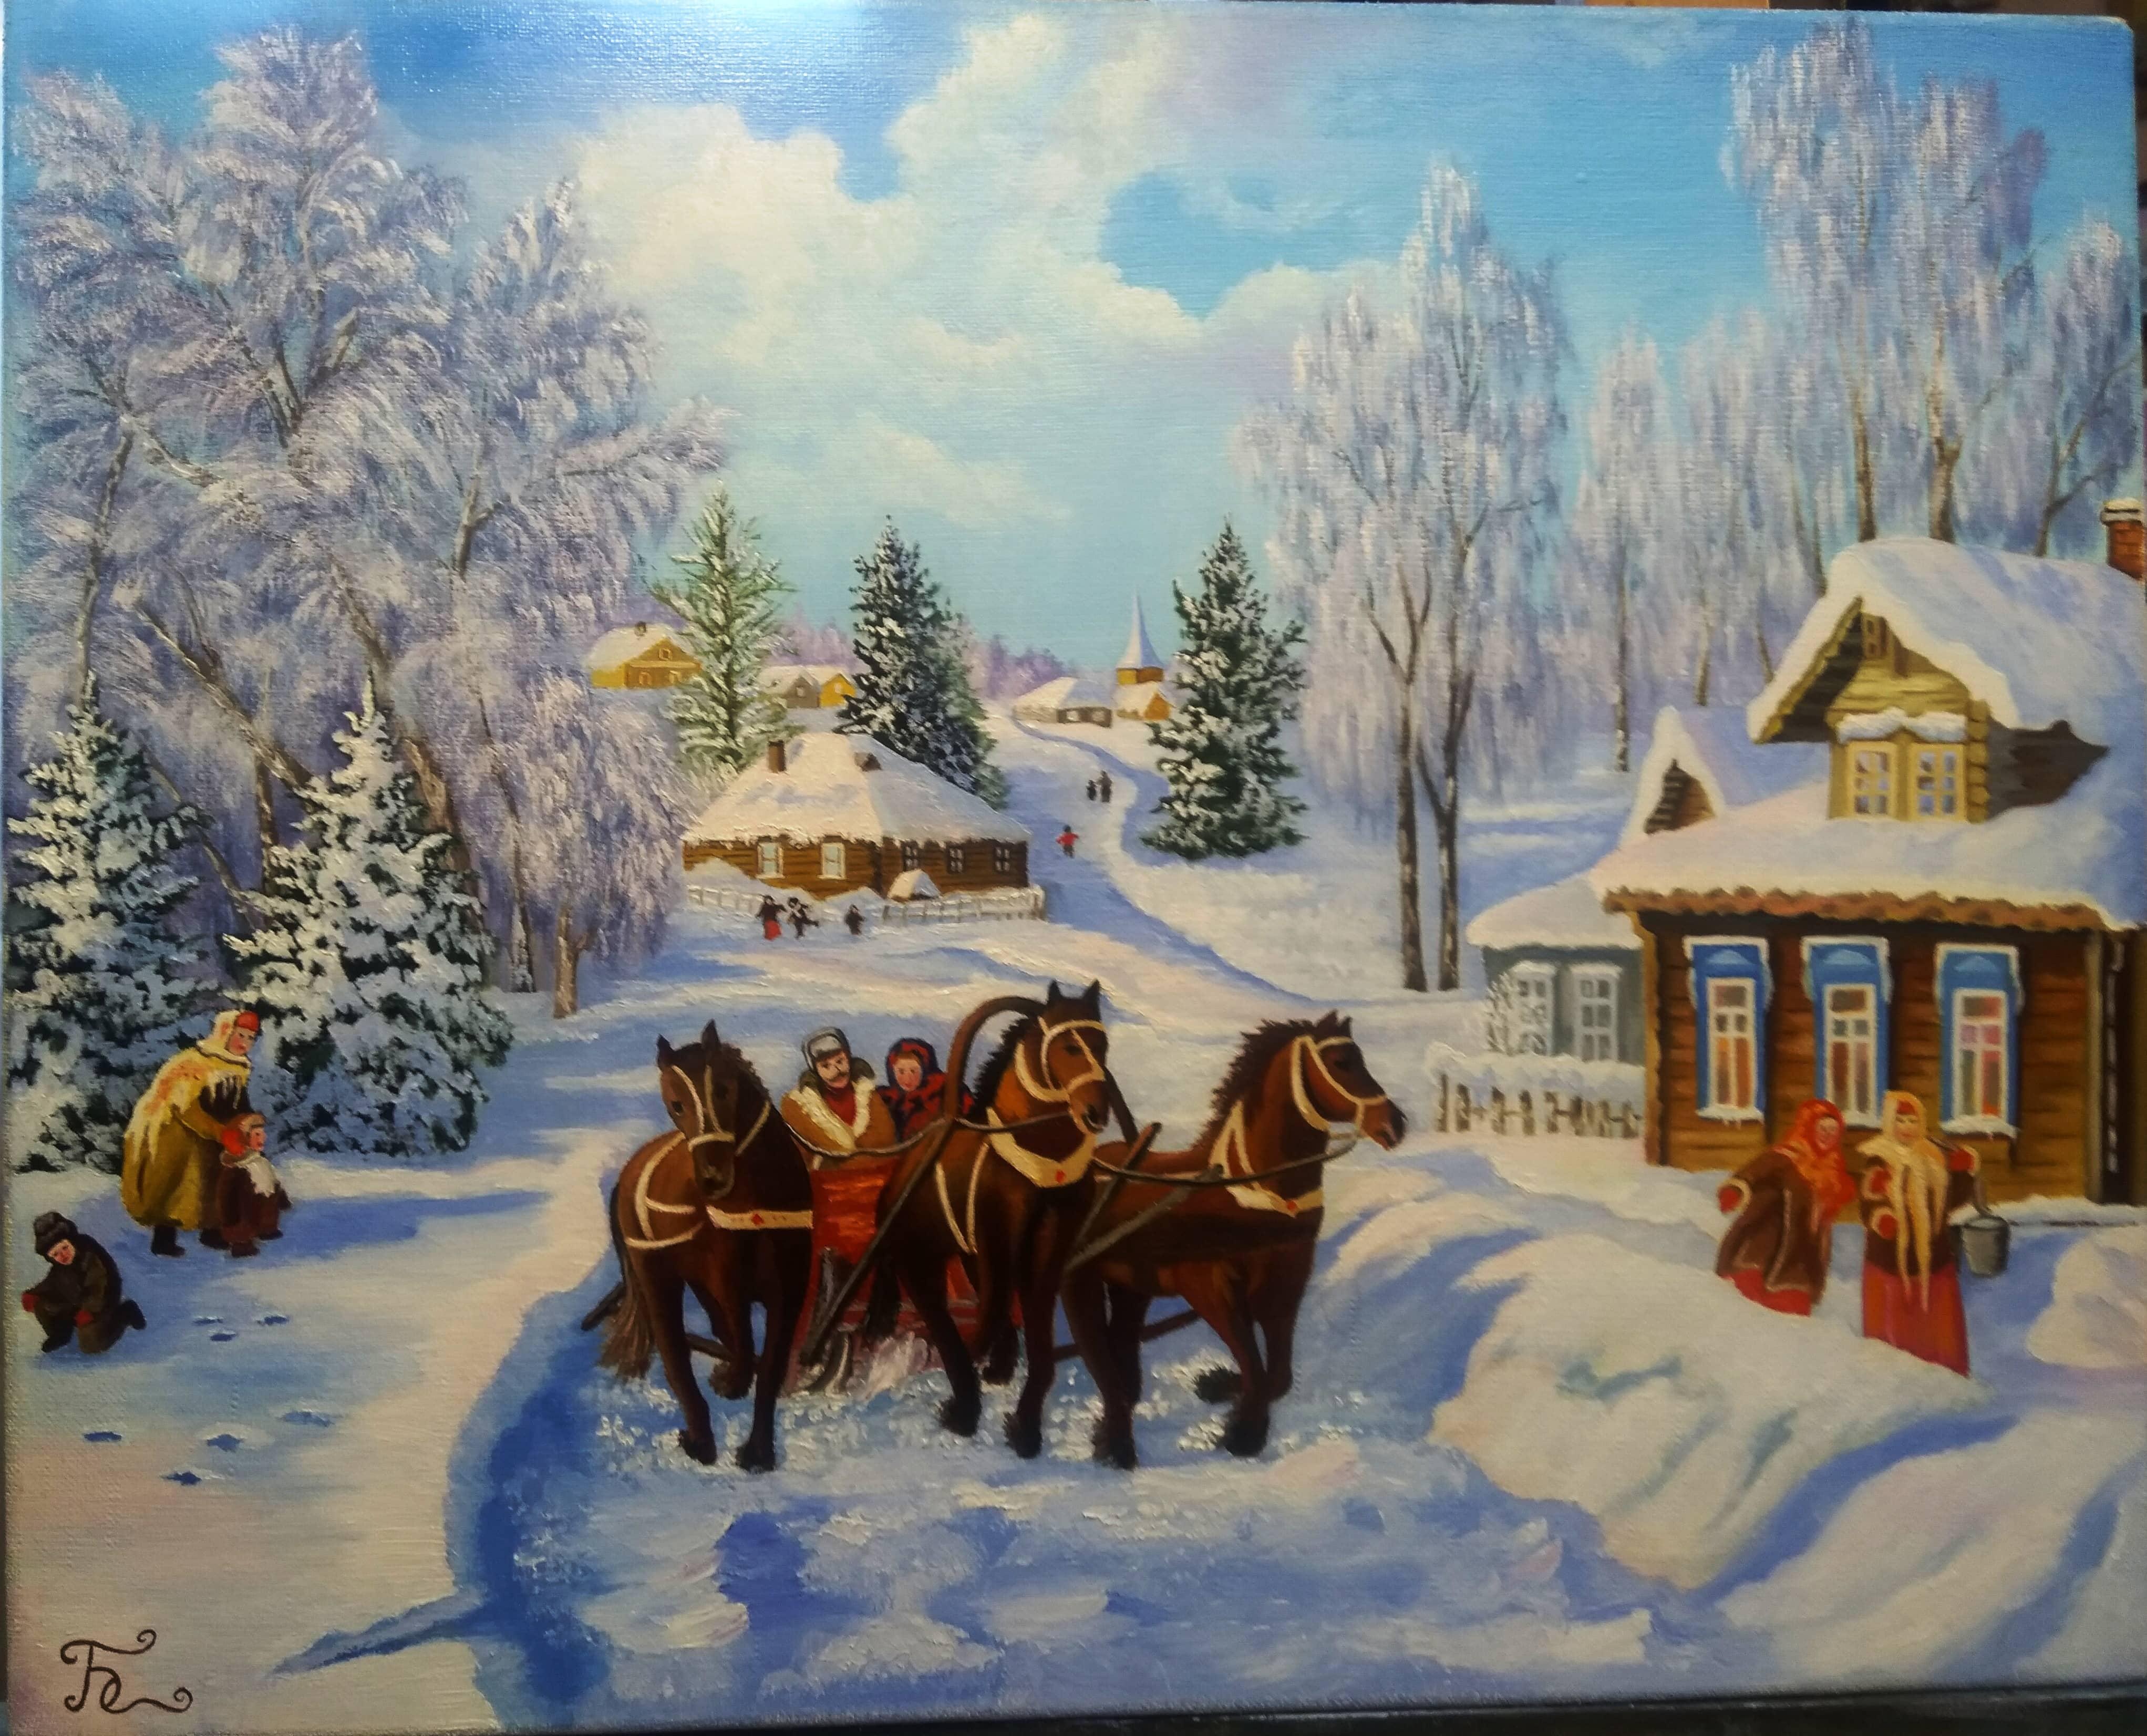 Зима в деревне (По м.р.В.Жданова)